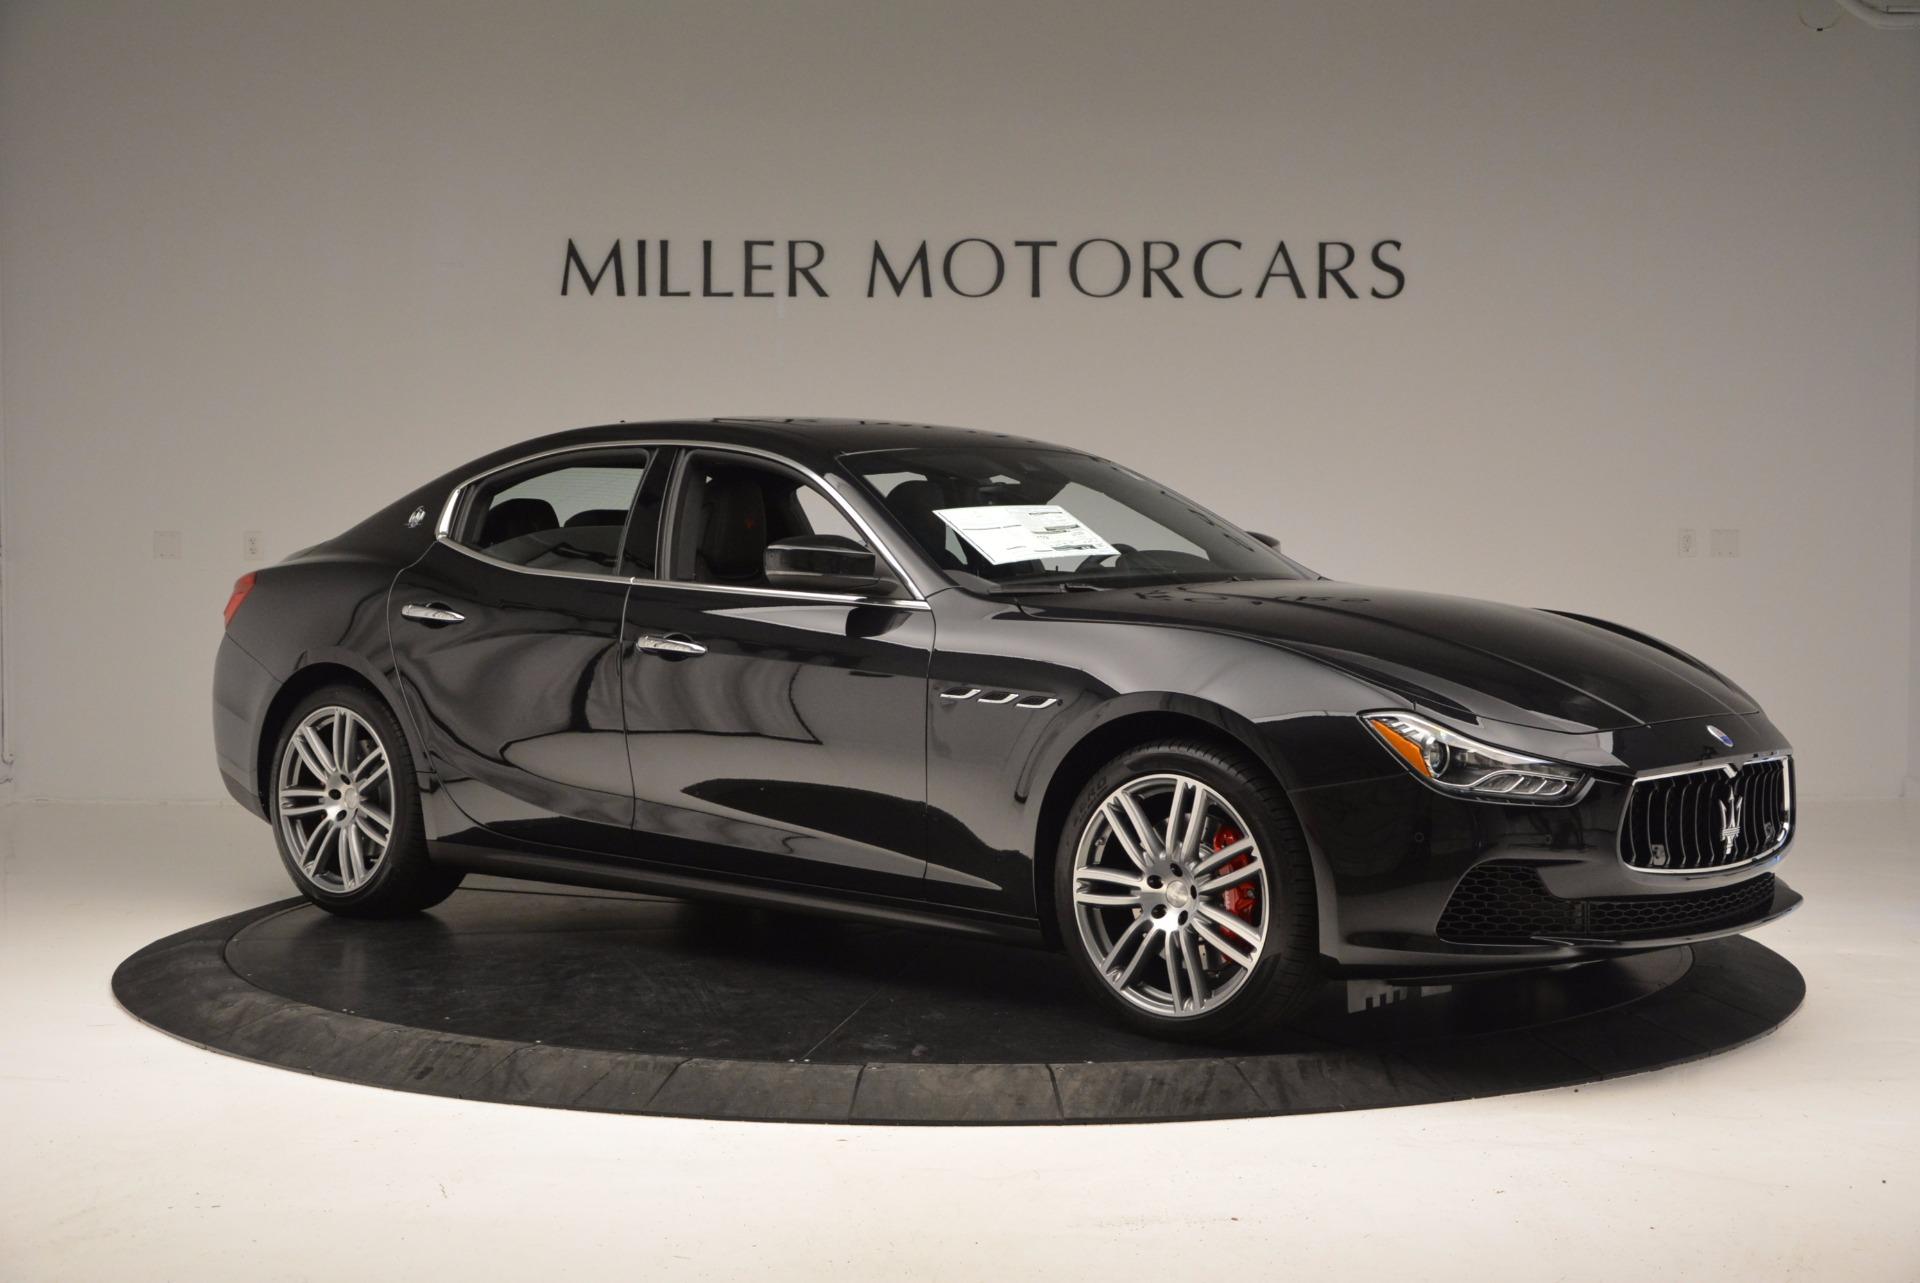 New 2017 Maserati Ghibli S Q4 For Sale In Greenwich, CT 1022_p10